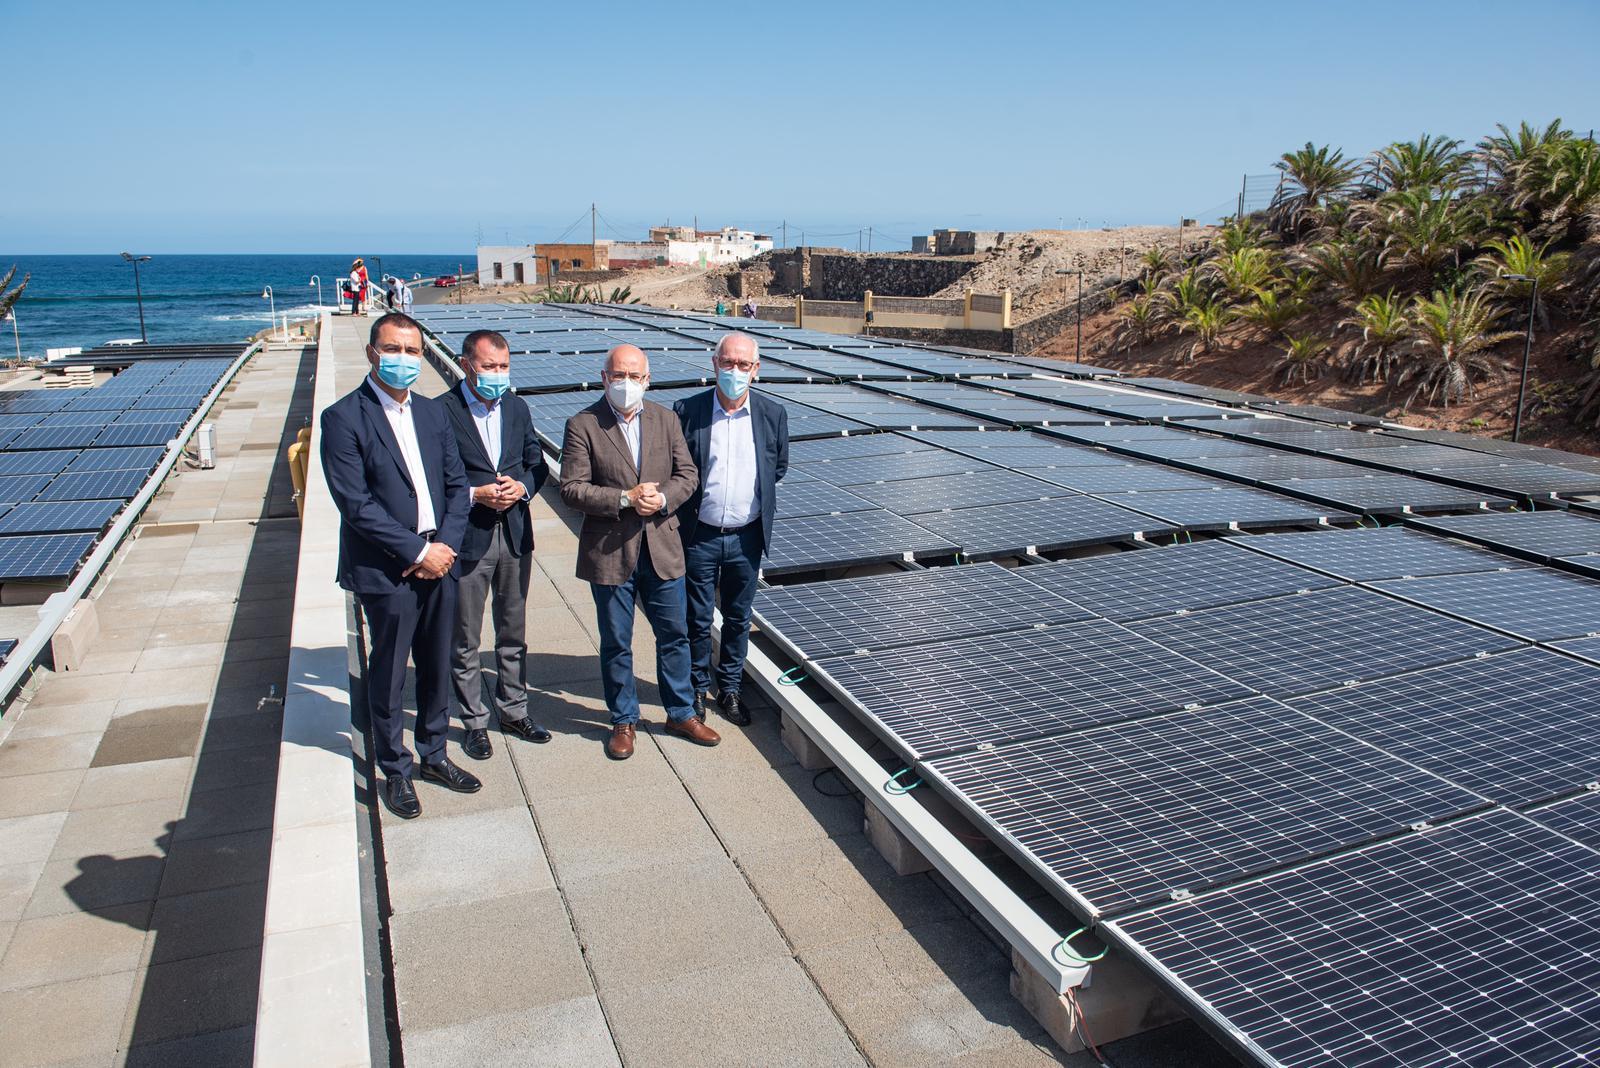 El Cabildo de Gran Canaria licita por 10 millones la ampliación y modernización de la depuradora que trata las aguas de Gáldar y Guía